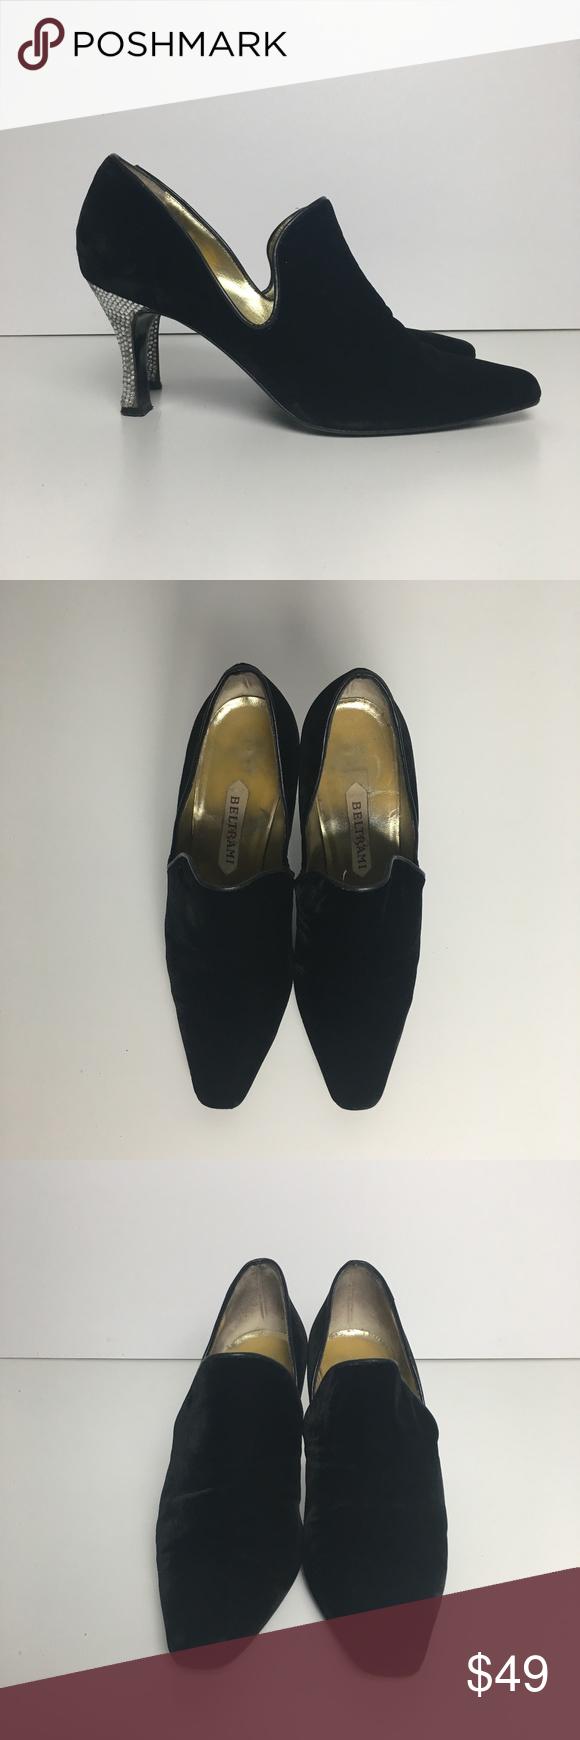 0684a7f1202 Vintage Beltrami heeled velvet loafers sz 9 Vintage Beltrami heeled velvet  loafers sz 9 Made in